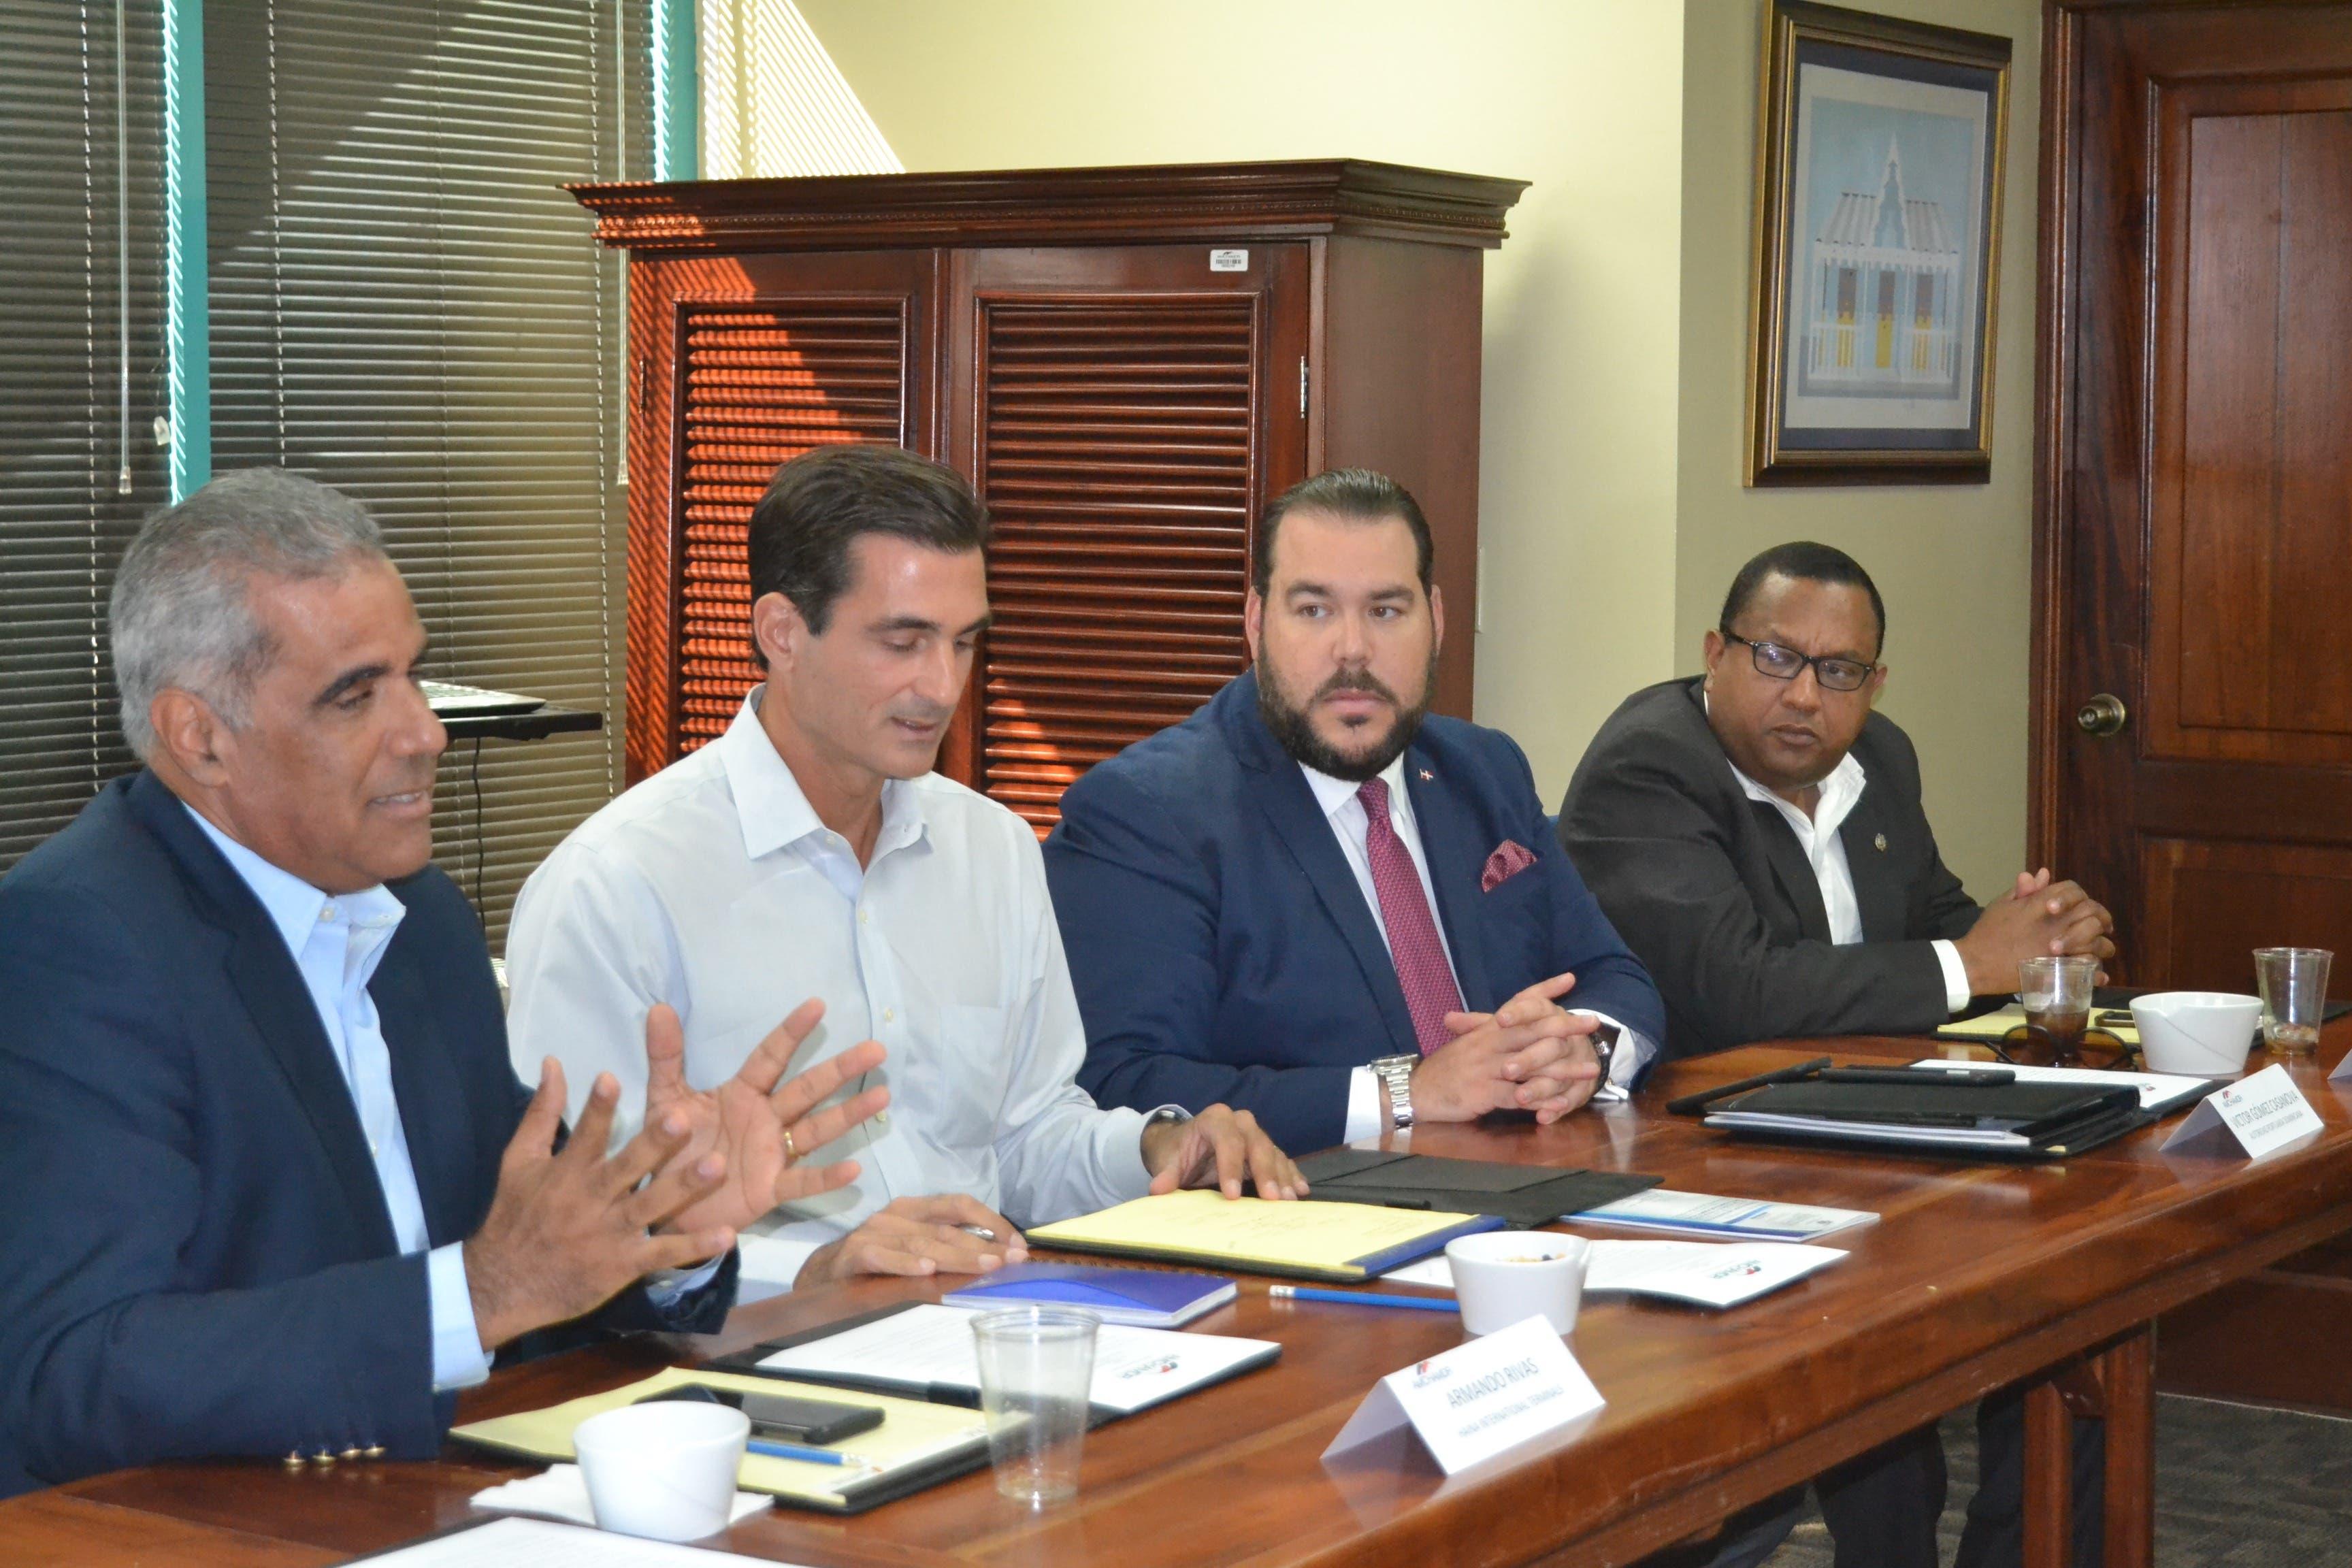 Autoridad Portuaria se incorpora al Comité de Facilitación del Comercio de la AMCHAMDR